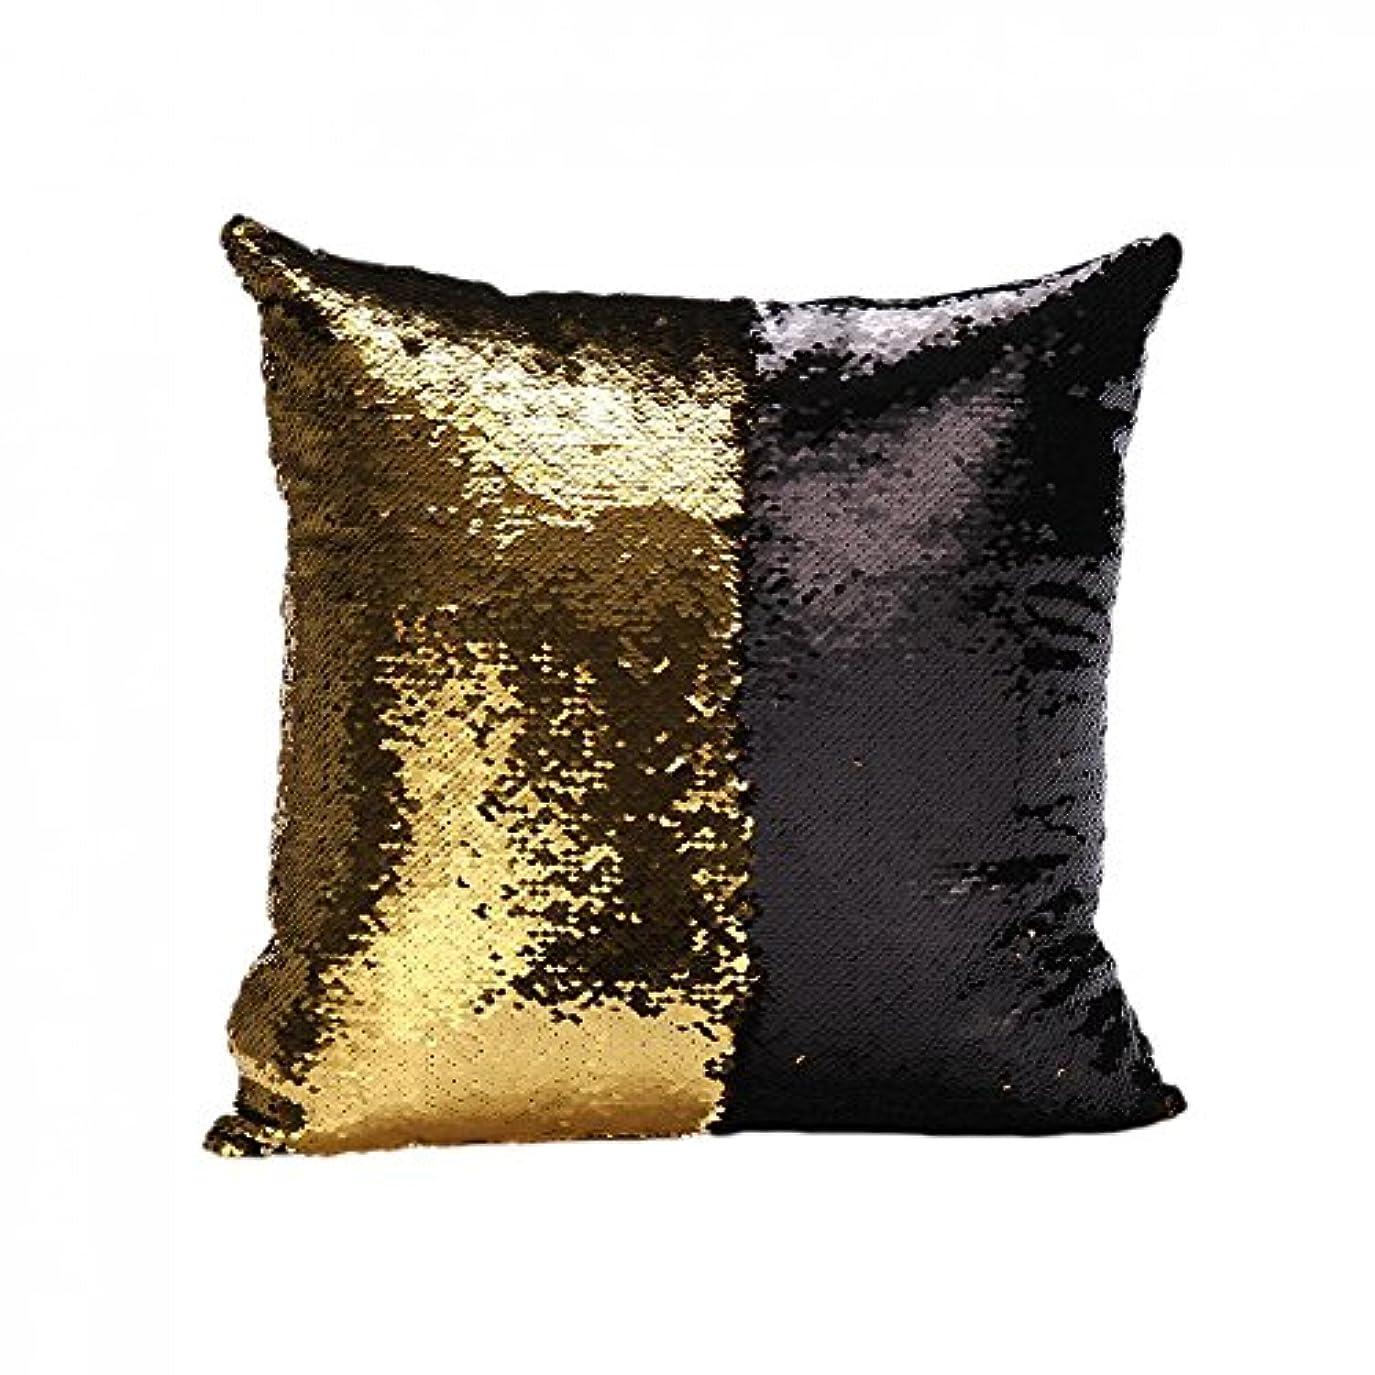 部分保証柔らかいB Blesiya 可逆スエードスパンコールソファ腰クッションカバーベッドの枕カバースリップ黒